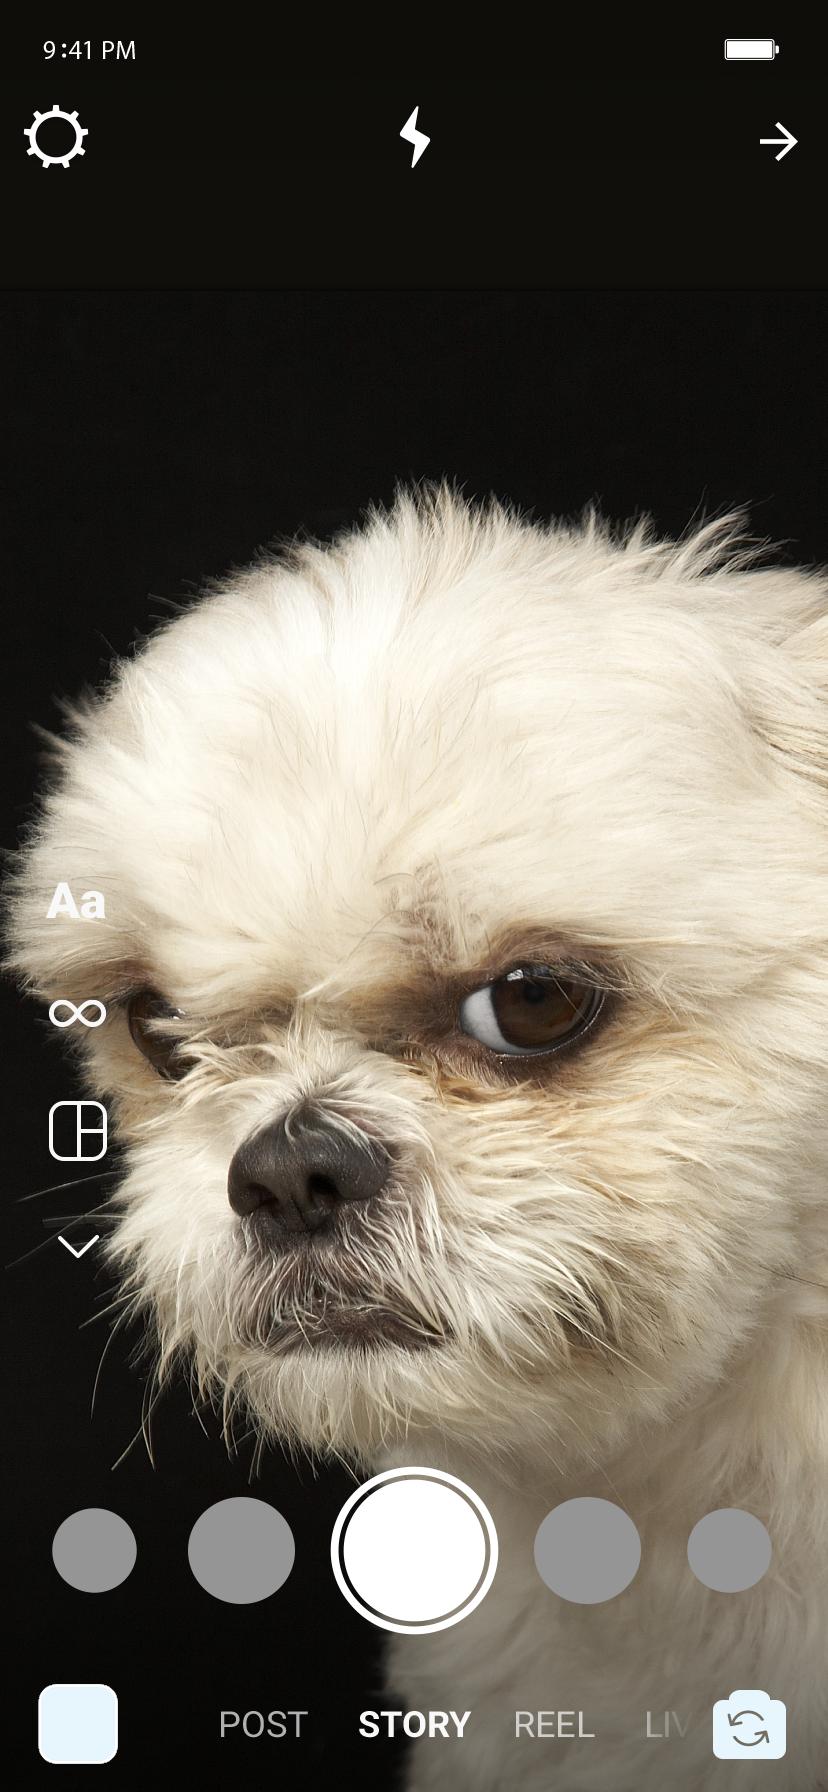 Dentro do Stories, um cachorro bravo